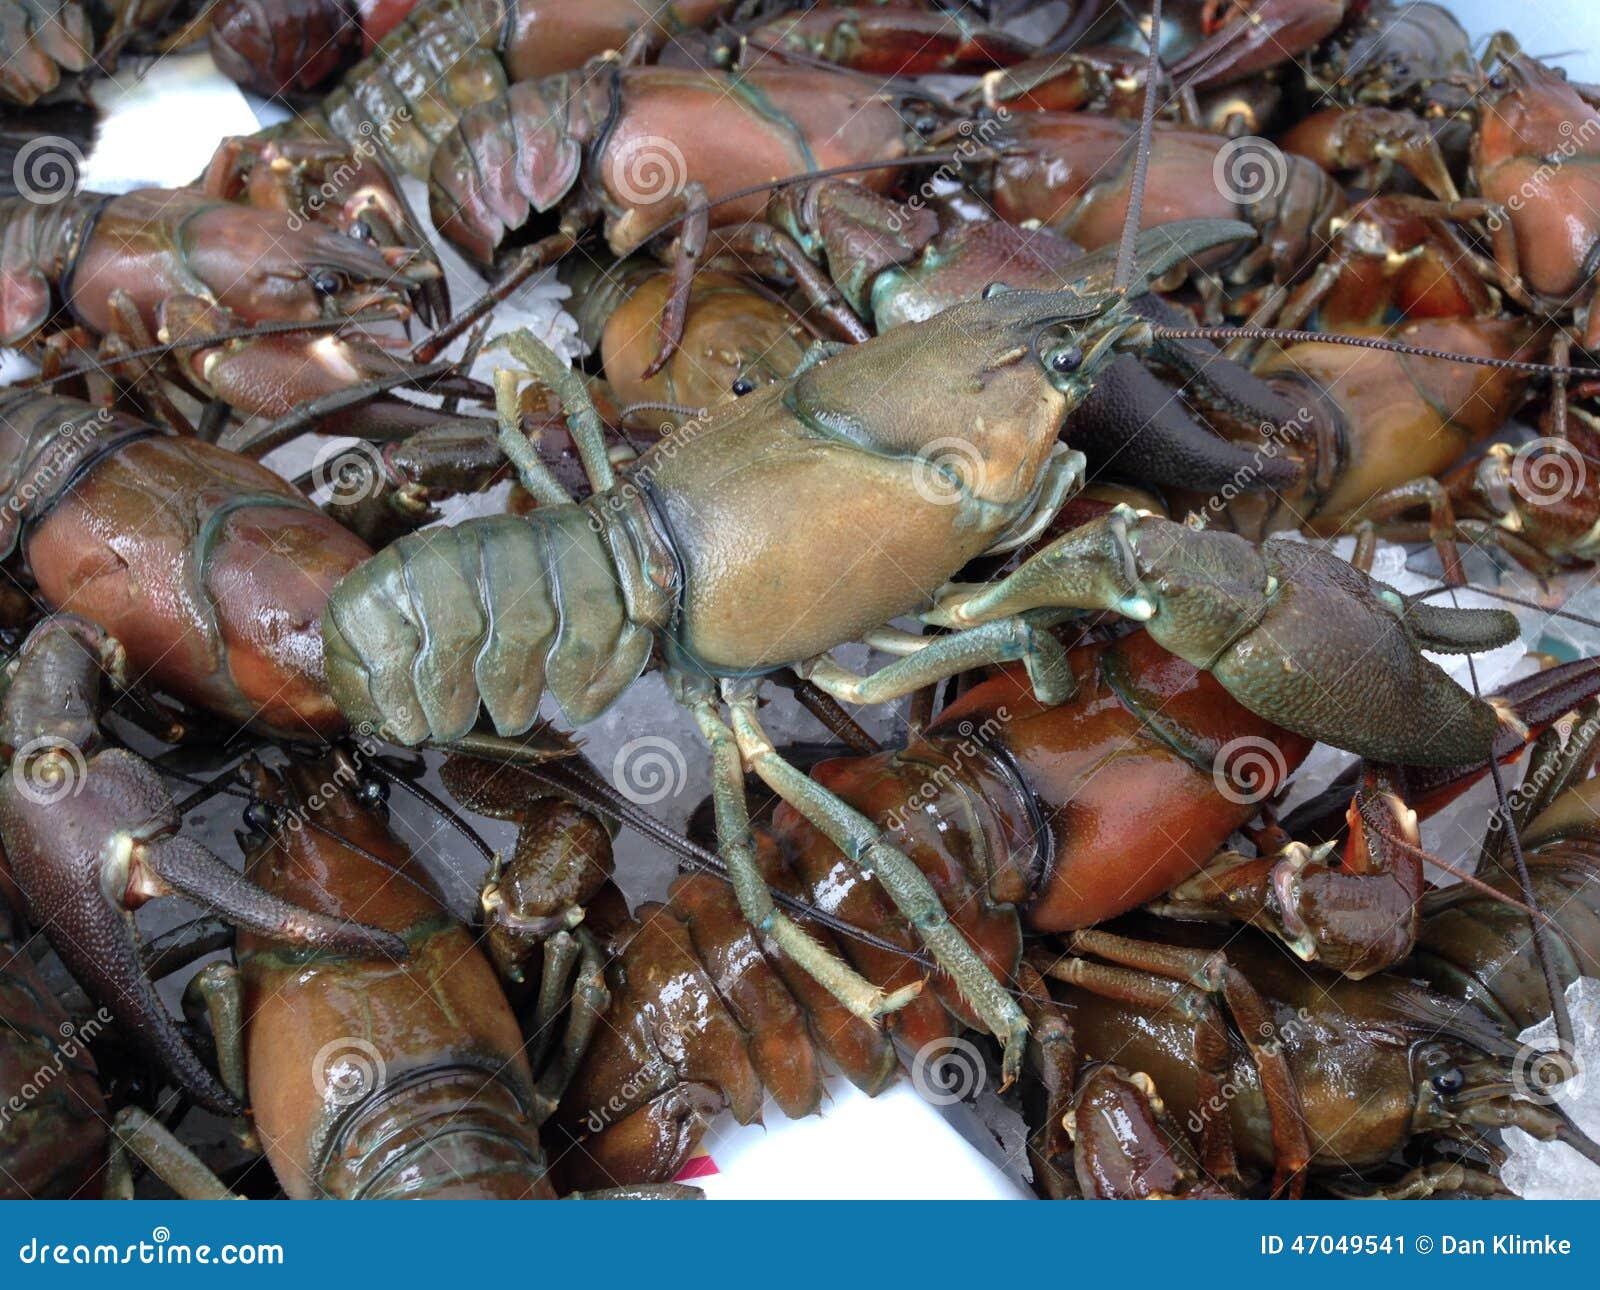 Pile Of Crawfish Ready To Eat Stock Image Image: 21698861